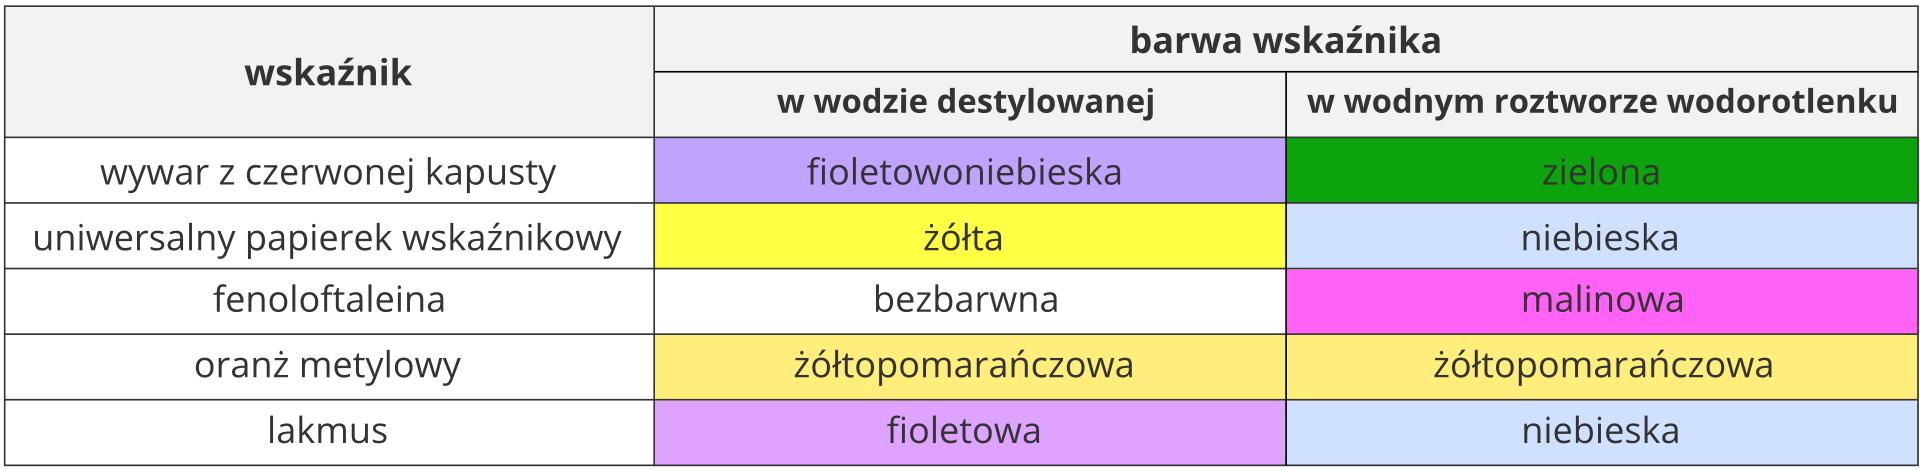 Tabela przedstawia zmiany barw pięciu różnych wskaźników pod wpływem wodnego roztworu wodorotlenku. Wdwóch kolumnach tekstowo iwizualnie, za pomocą różnych kolorów teł, przedstawiono barwy wskaźników wwodzie destylowanej oraz wśrodowisku zasadowym. Prezentowane wskaźniki to, licząc od góry: wywar zczerwonej kapusty fioletowoniebieski wwodzie destylowanej izielony wwodnym roztworze wodorotlenku. Uniwersalny papierek wskaźnikowy żółty wwodzie destylowanej iniebieski wwodnym roztworze wodorotlenku. Fenoloftaleina bezbarwna wwodzie destylowanej imalinowa wwodnym roztworze wodorotlenku. Oranż metylowy żółtopomarańczowy wwodzie destylowanej iżółty wwodnym roztworze wodorotlenku. Lakmus fioletowy wwodzie destylowanej iniebieski wwodnym roztworze wodorotlenku.